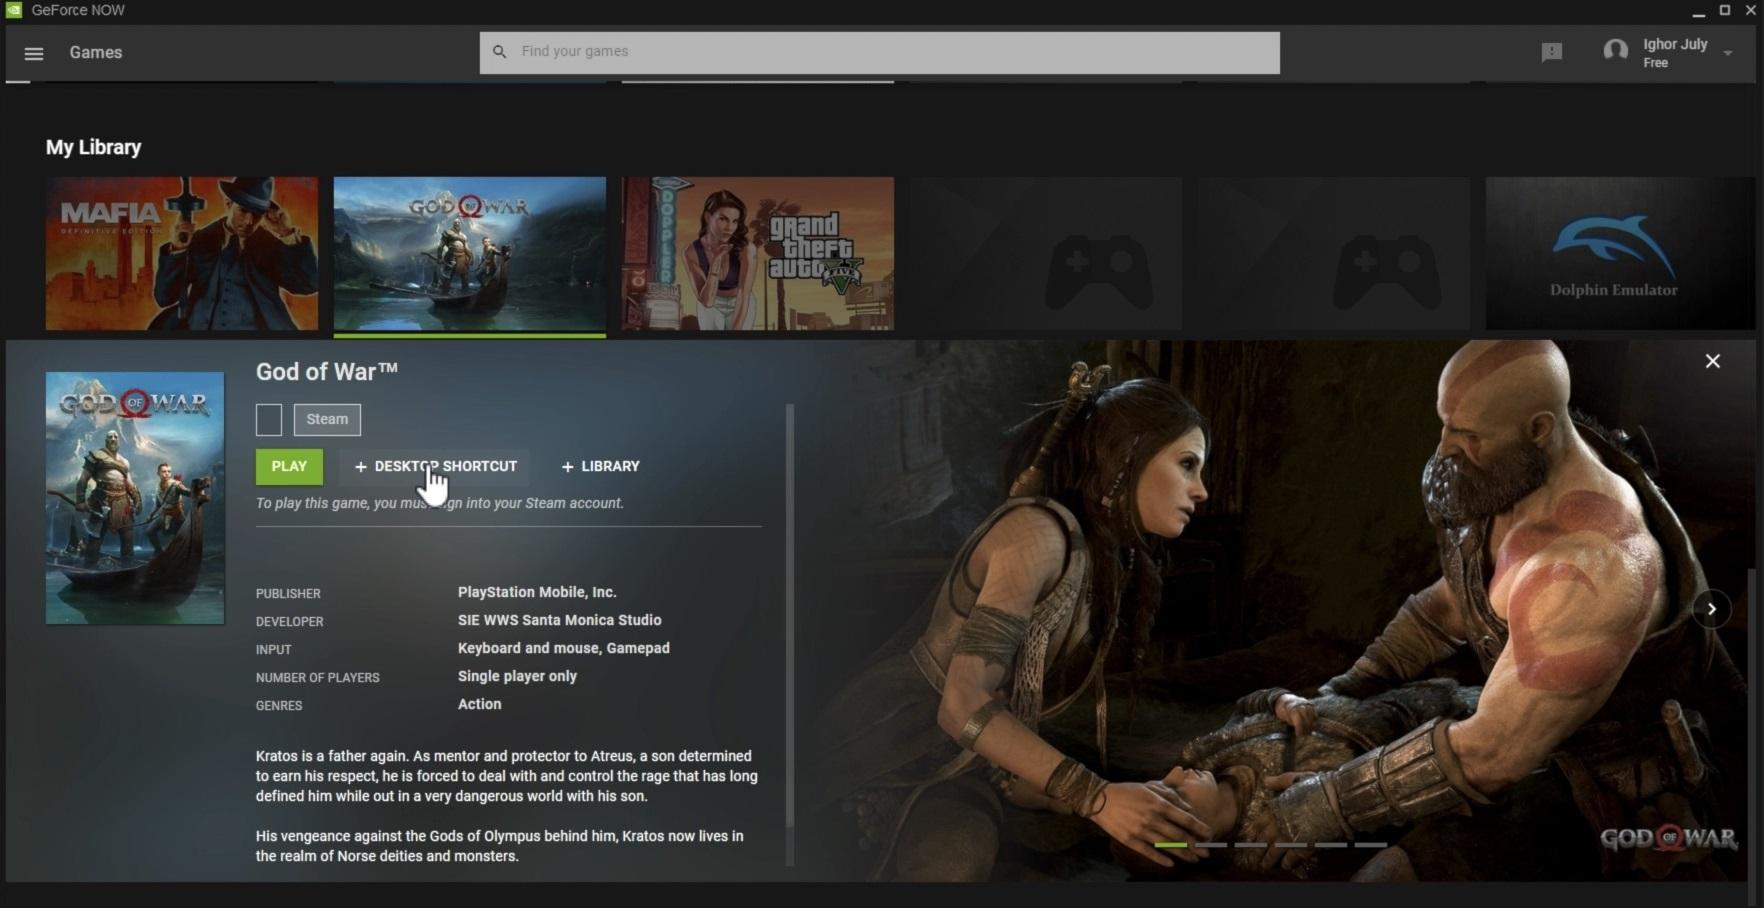 На серверах GeForce Now нашли тысячи невышедших и даже не анонсированных игр, но это ещё ничего не значит